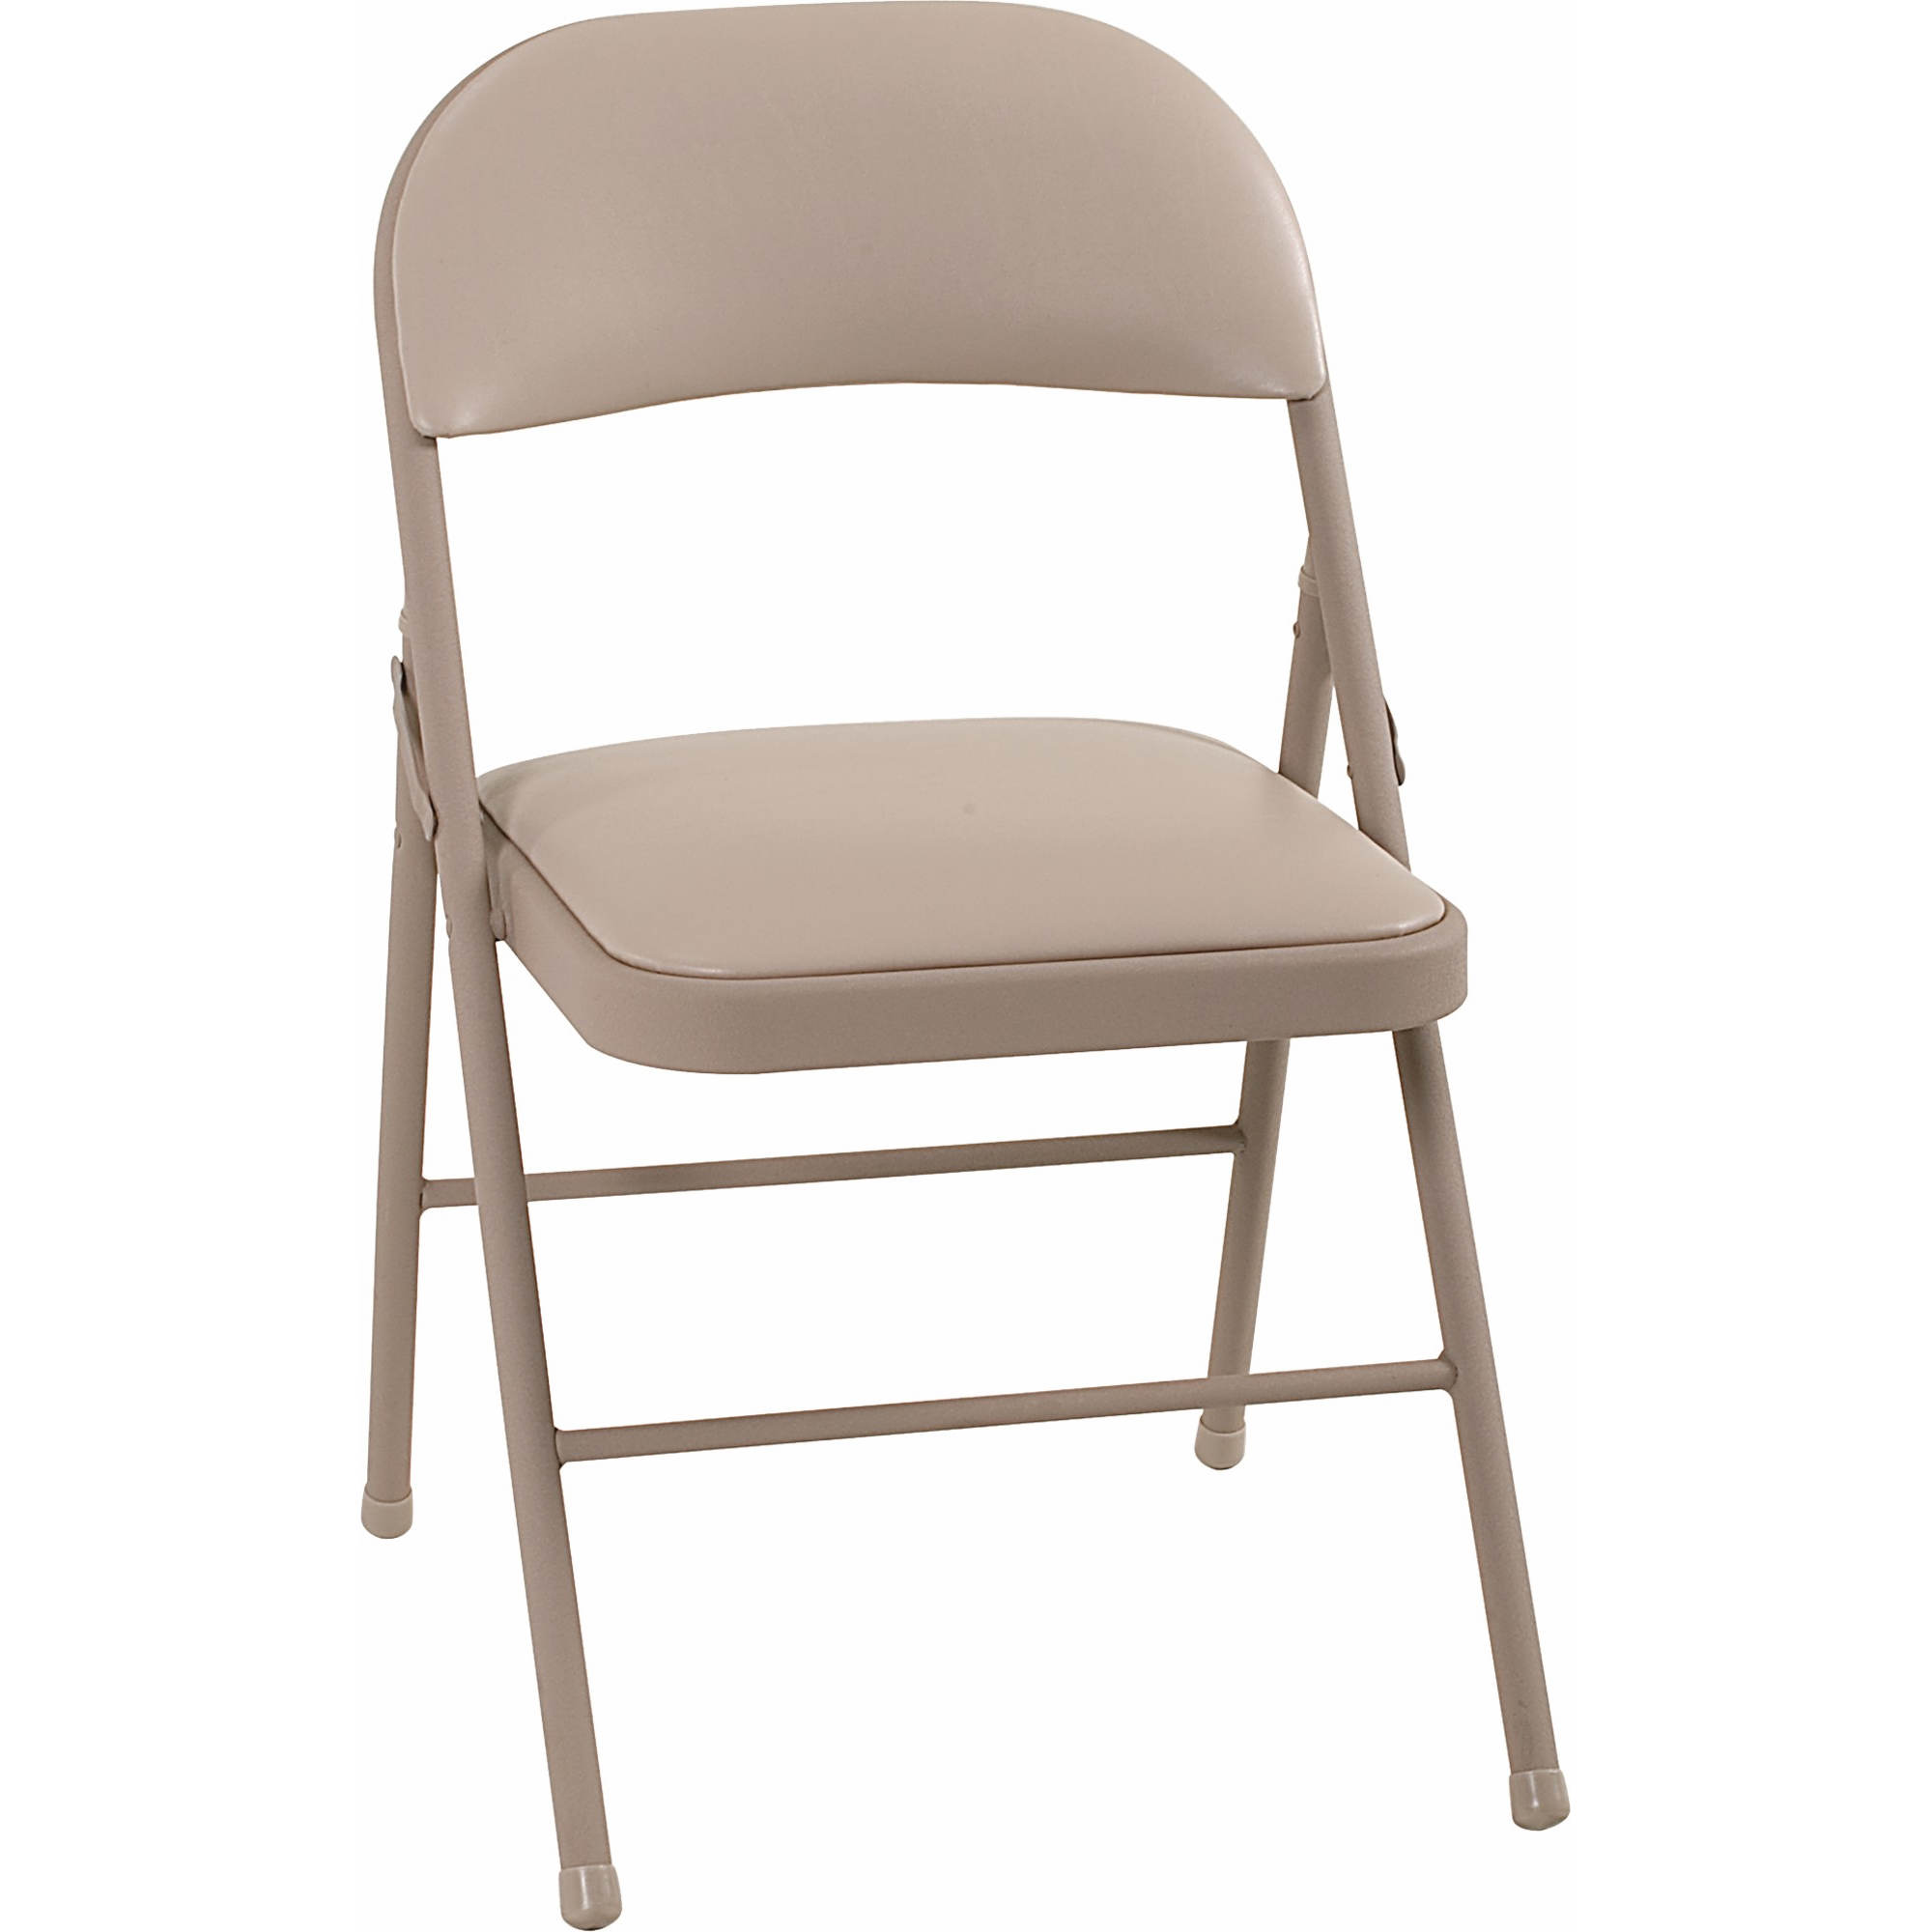 Cosco Products Vinyl Folding Chair 4 Pk Antique Linen Bjs Wholesale Club